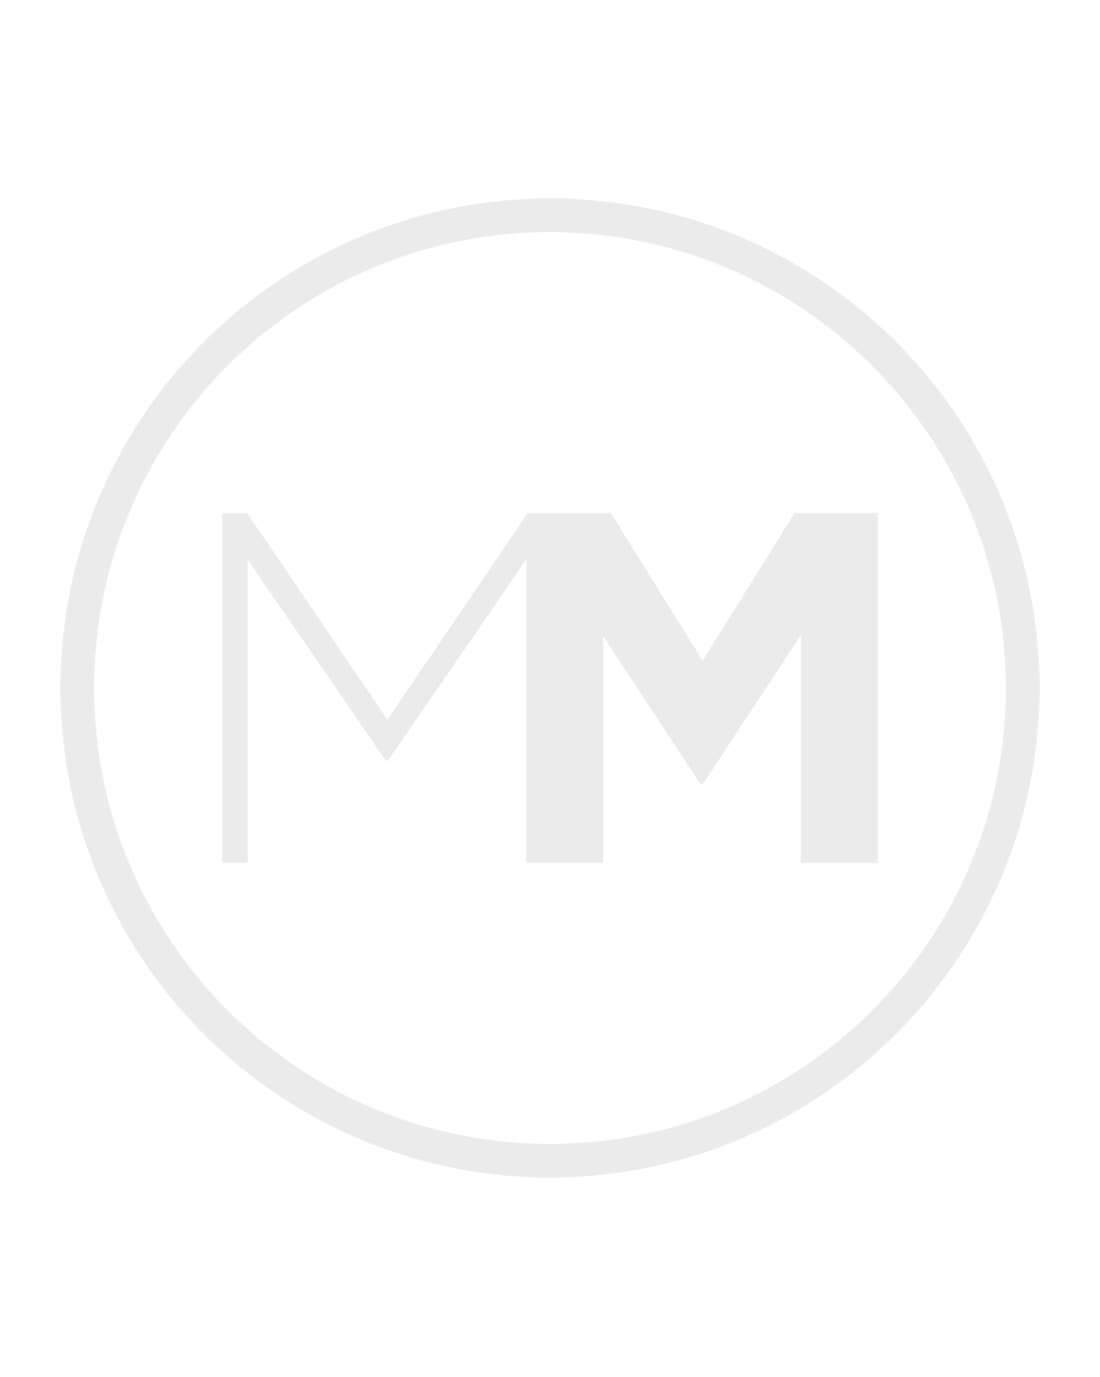 Kocca Abkin / Donkerblauw jurkje